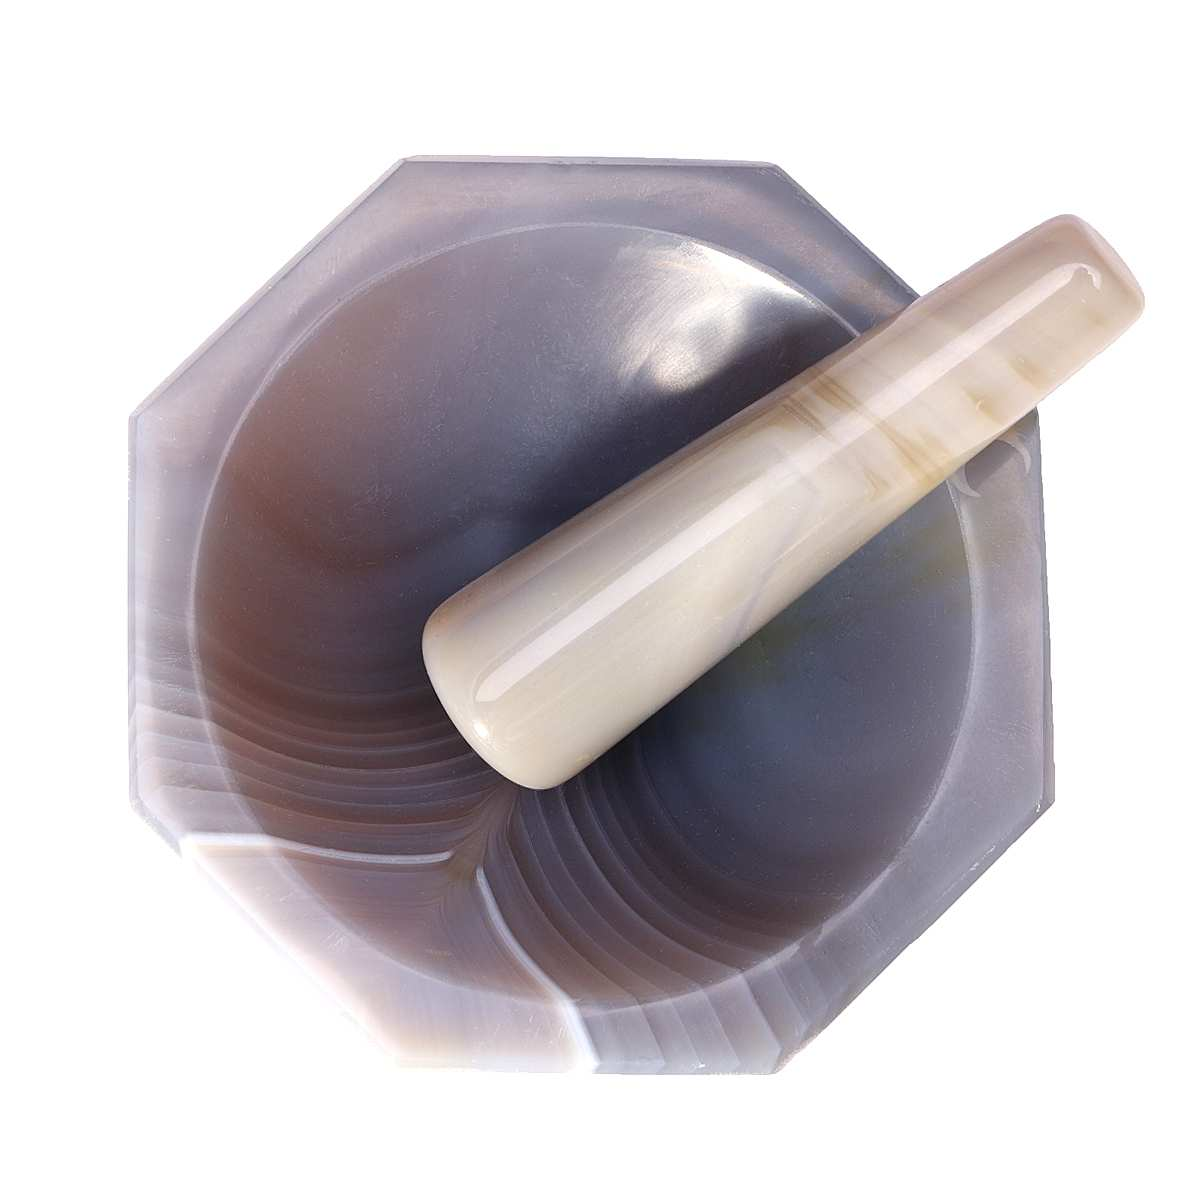 Ágata Natural molinos de especias mortero molinillo de mano molinos de condimentos ajo pimienta recipiente de mezclas mortero y mortero herramienta de cocina